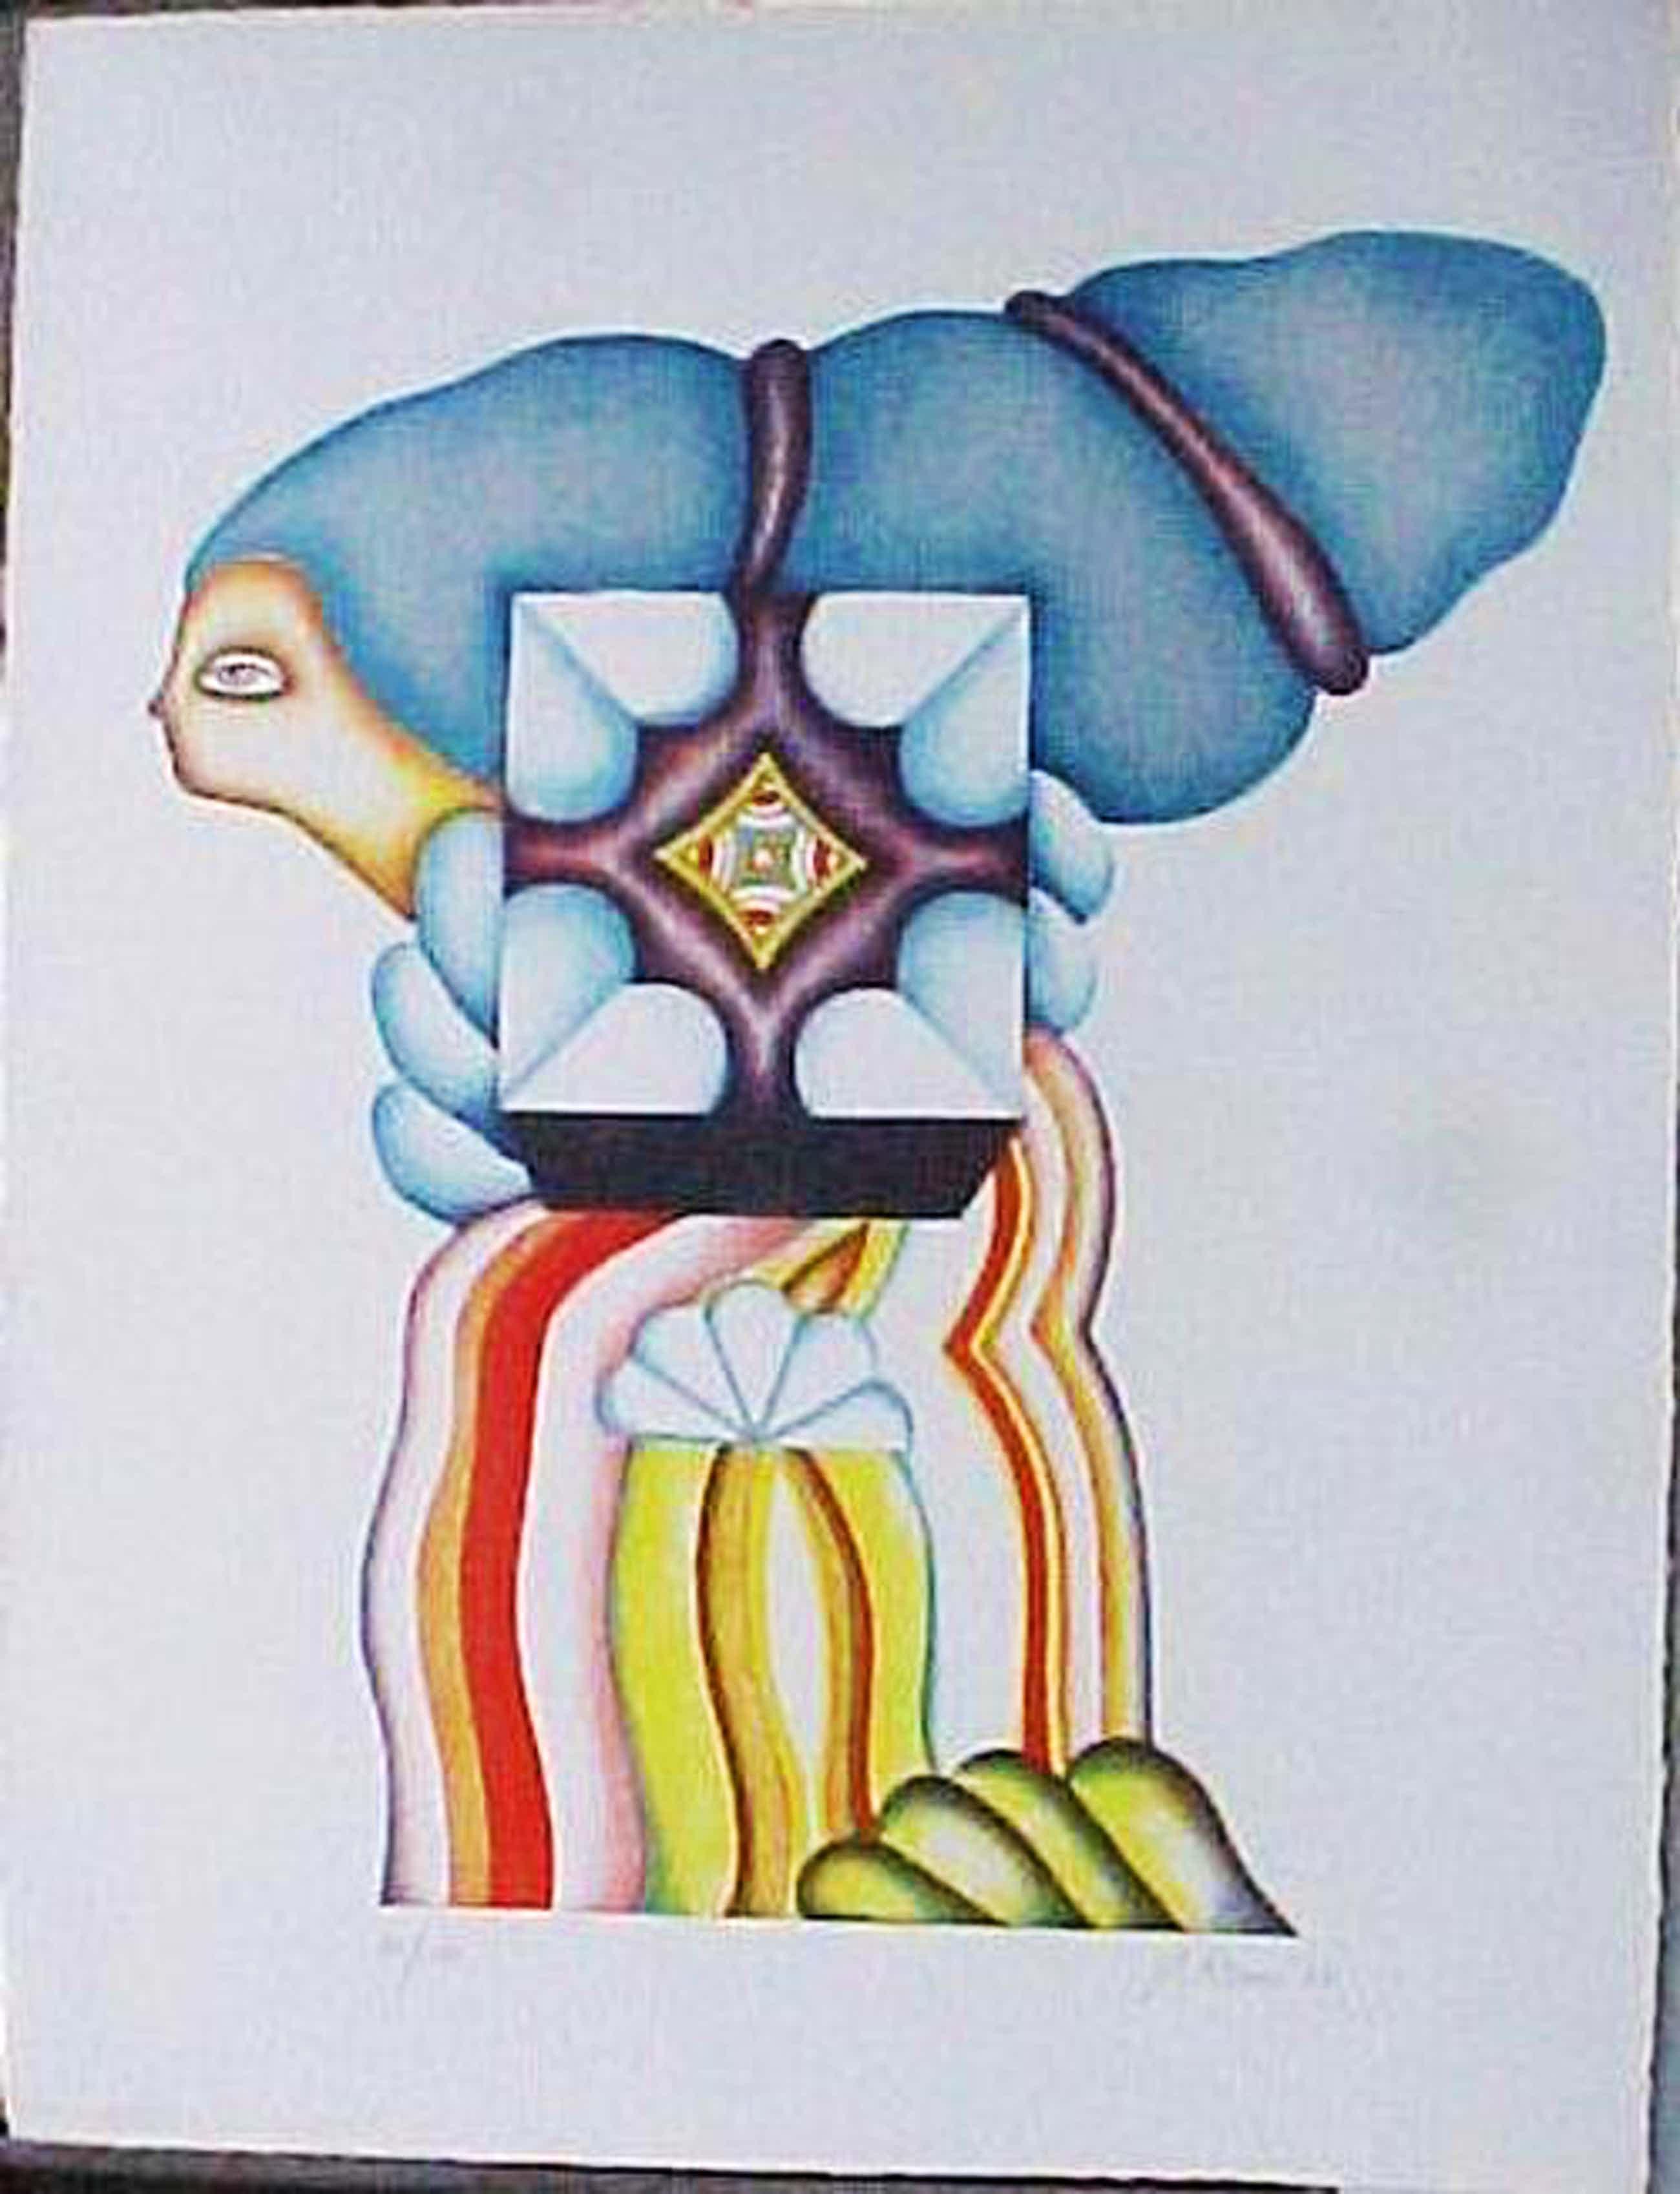 Jorg Reme - Italienerin mit Hochfrisur. Lithografie 1971 kopen? Bied vanaf 50!